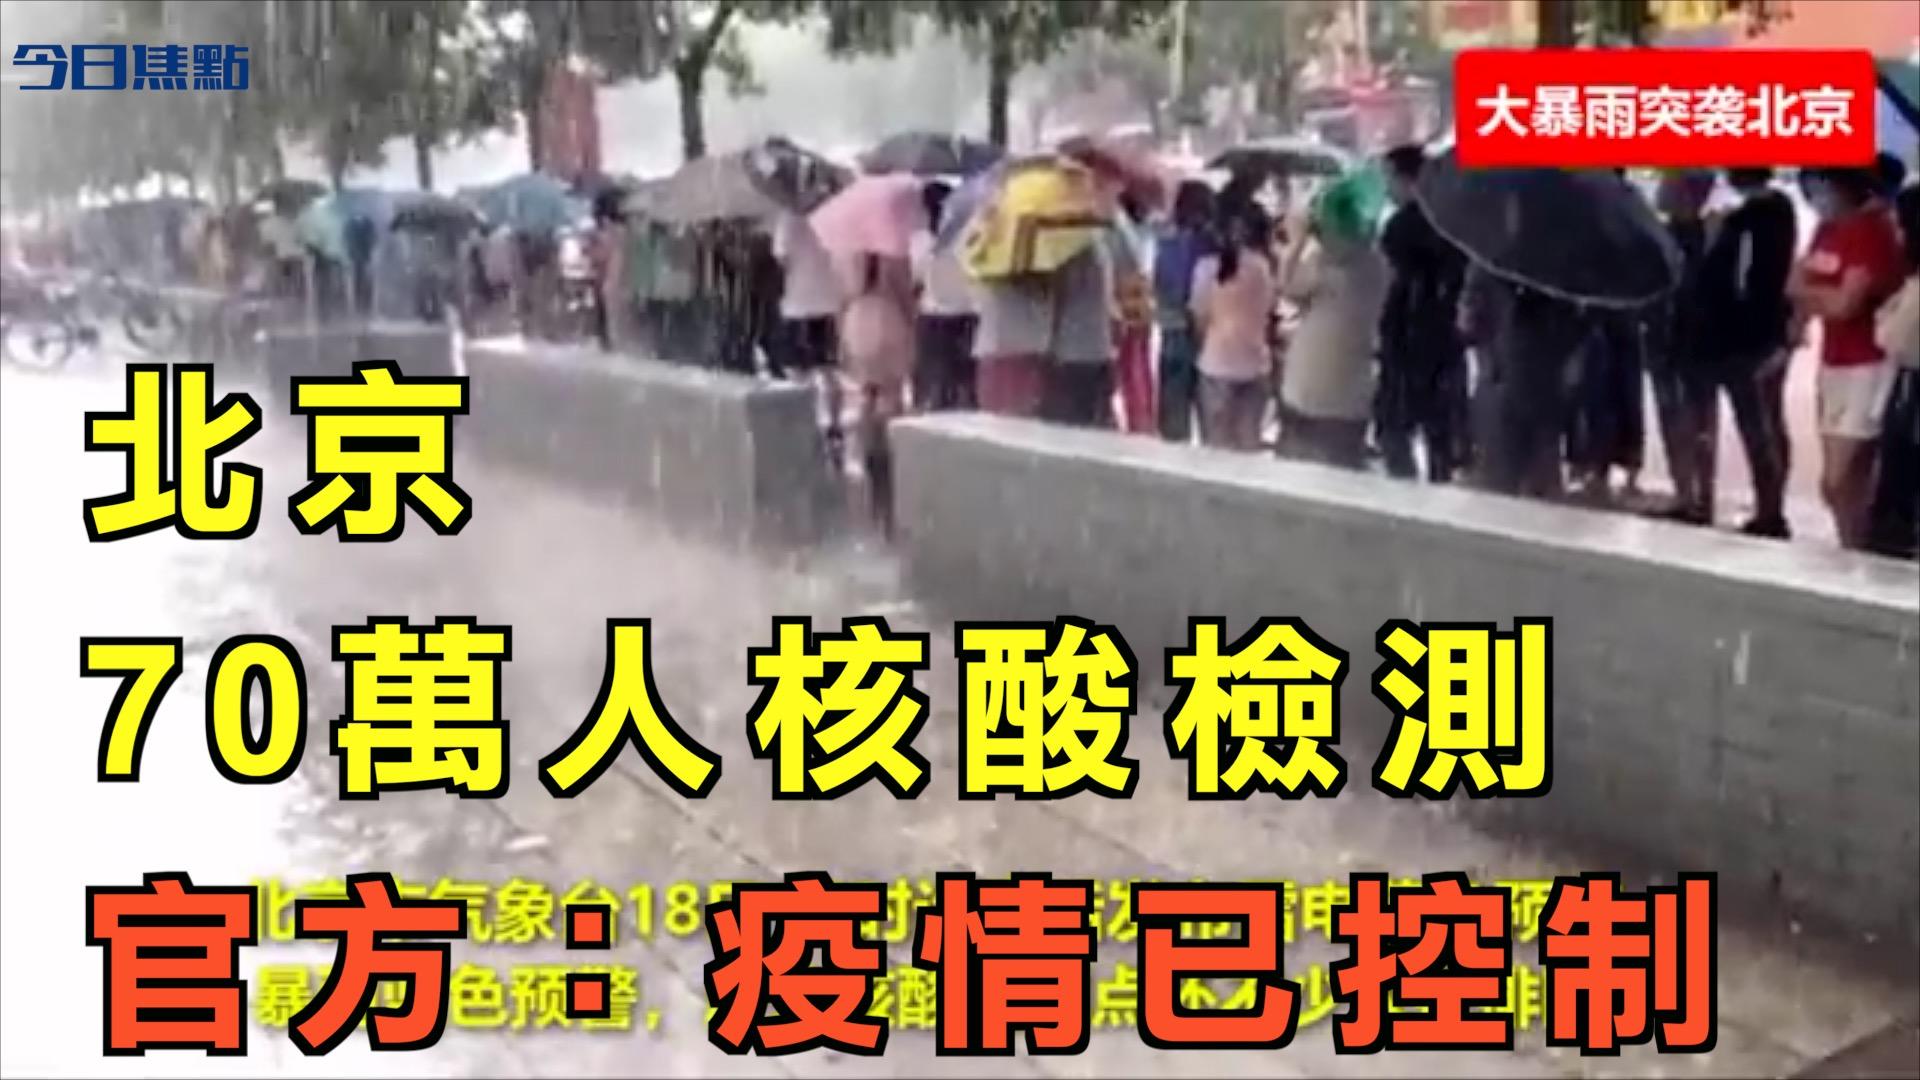 北京暴雨 70萬人核酸檢測 官方:疫情已控制|北京暴雨 核酸檢測 專家疫情已控制|武漢疫情 習近平寧夏 北京醫院新增1000床位|6月19日【今日焦點】